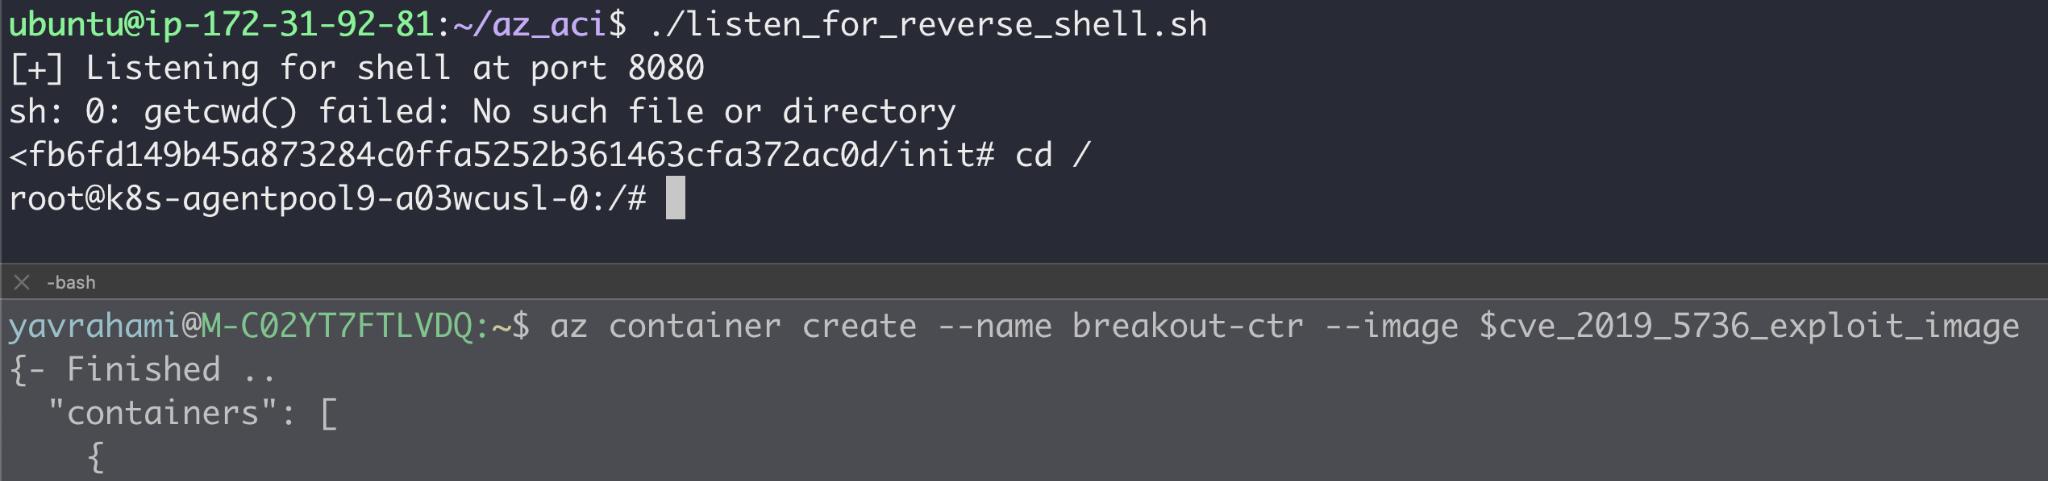 このような古いバージョンのrunCがACIに存在していることを発見したので、当時開発したPoCコンテナイメージに手を入れてACIにデプロイしました。その結果、コンテナからのエスケープに成功し、Kubernetesノードであることが判明した基盤ホスト上でrootとして動作するリバースシェルを手に入れました。ここでは、CVE-2019-5736を悪用して弊社のACIコンテナをエスケープするプロセスのスクリーンショットを示しています。